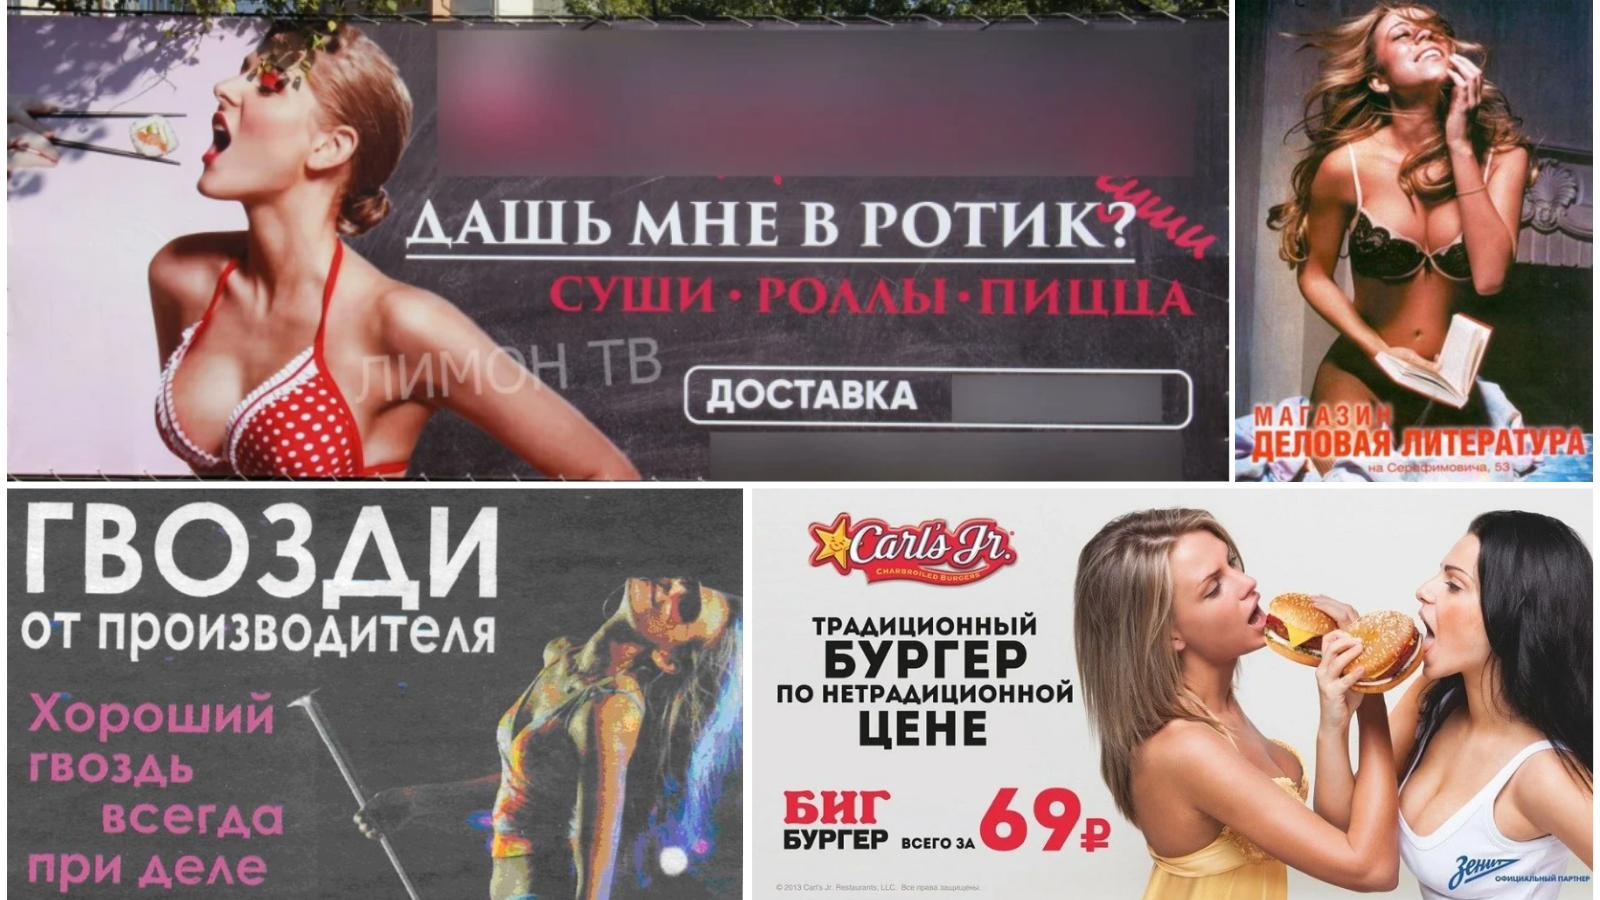 Суши, книги, гвозди и бургеры — «секс продает» и в России.